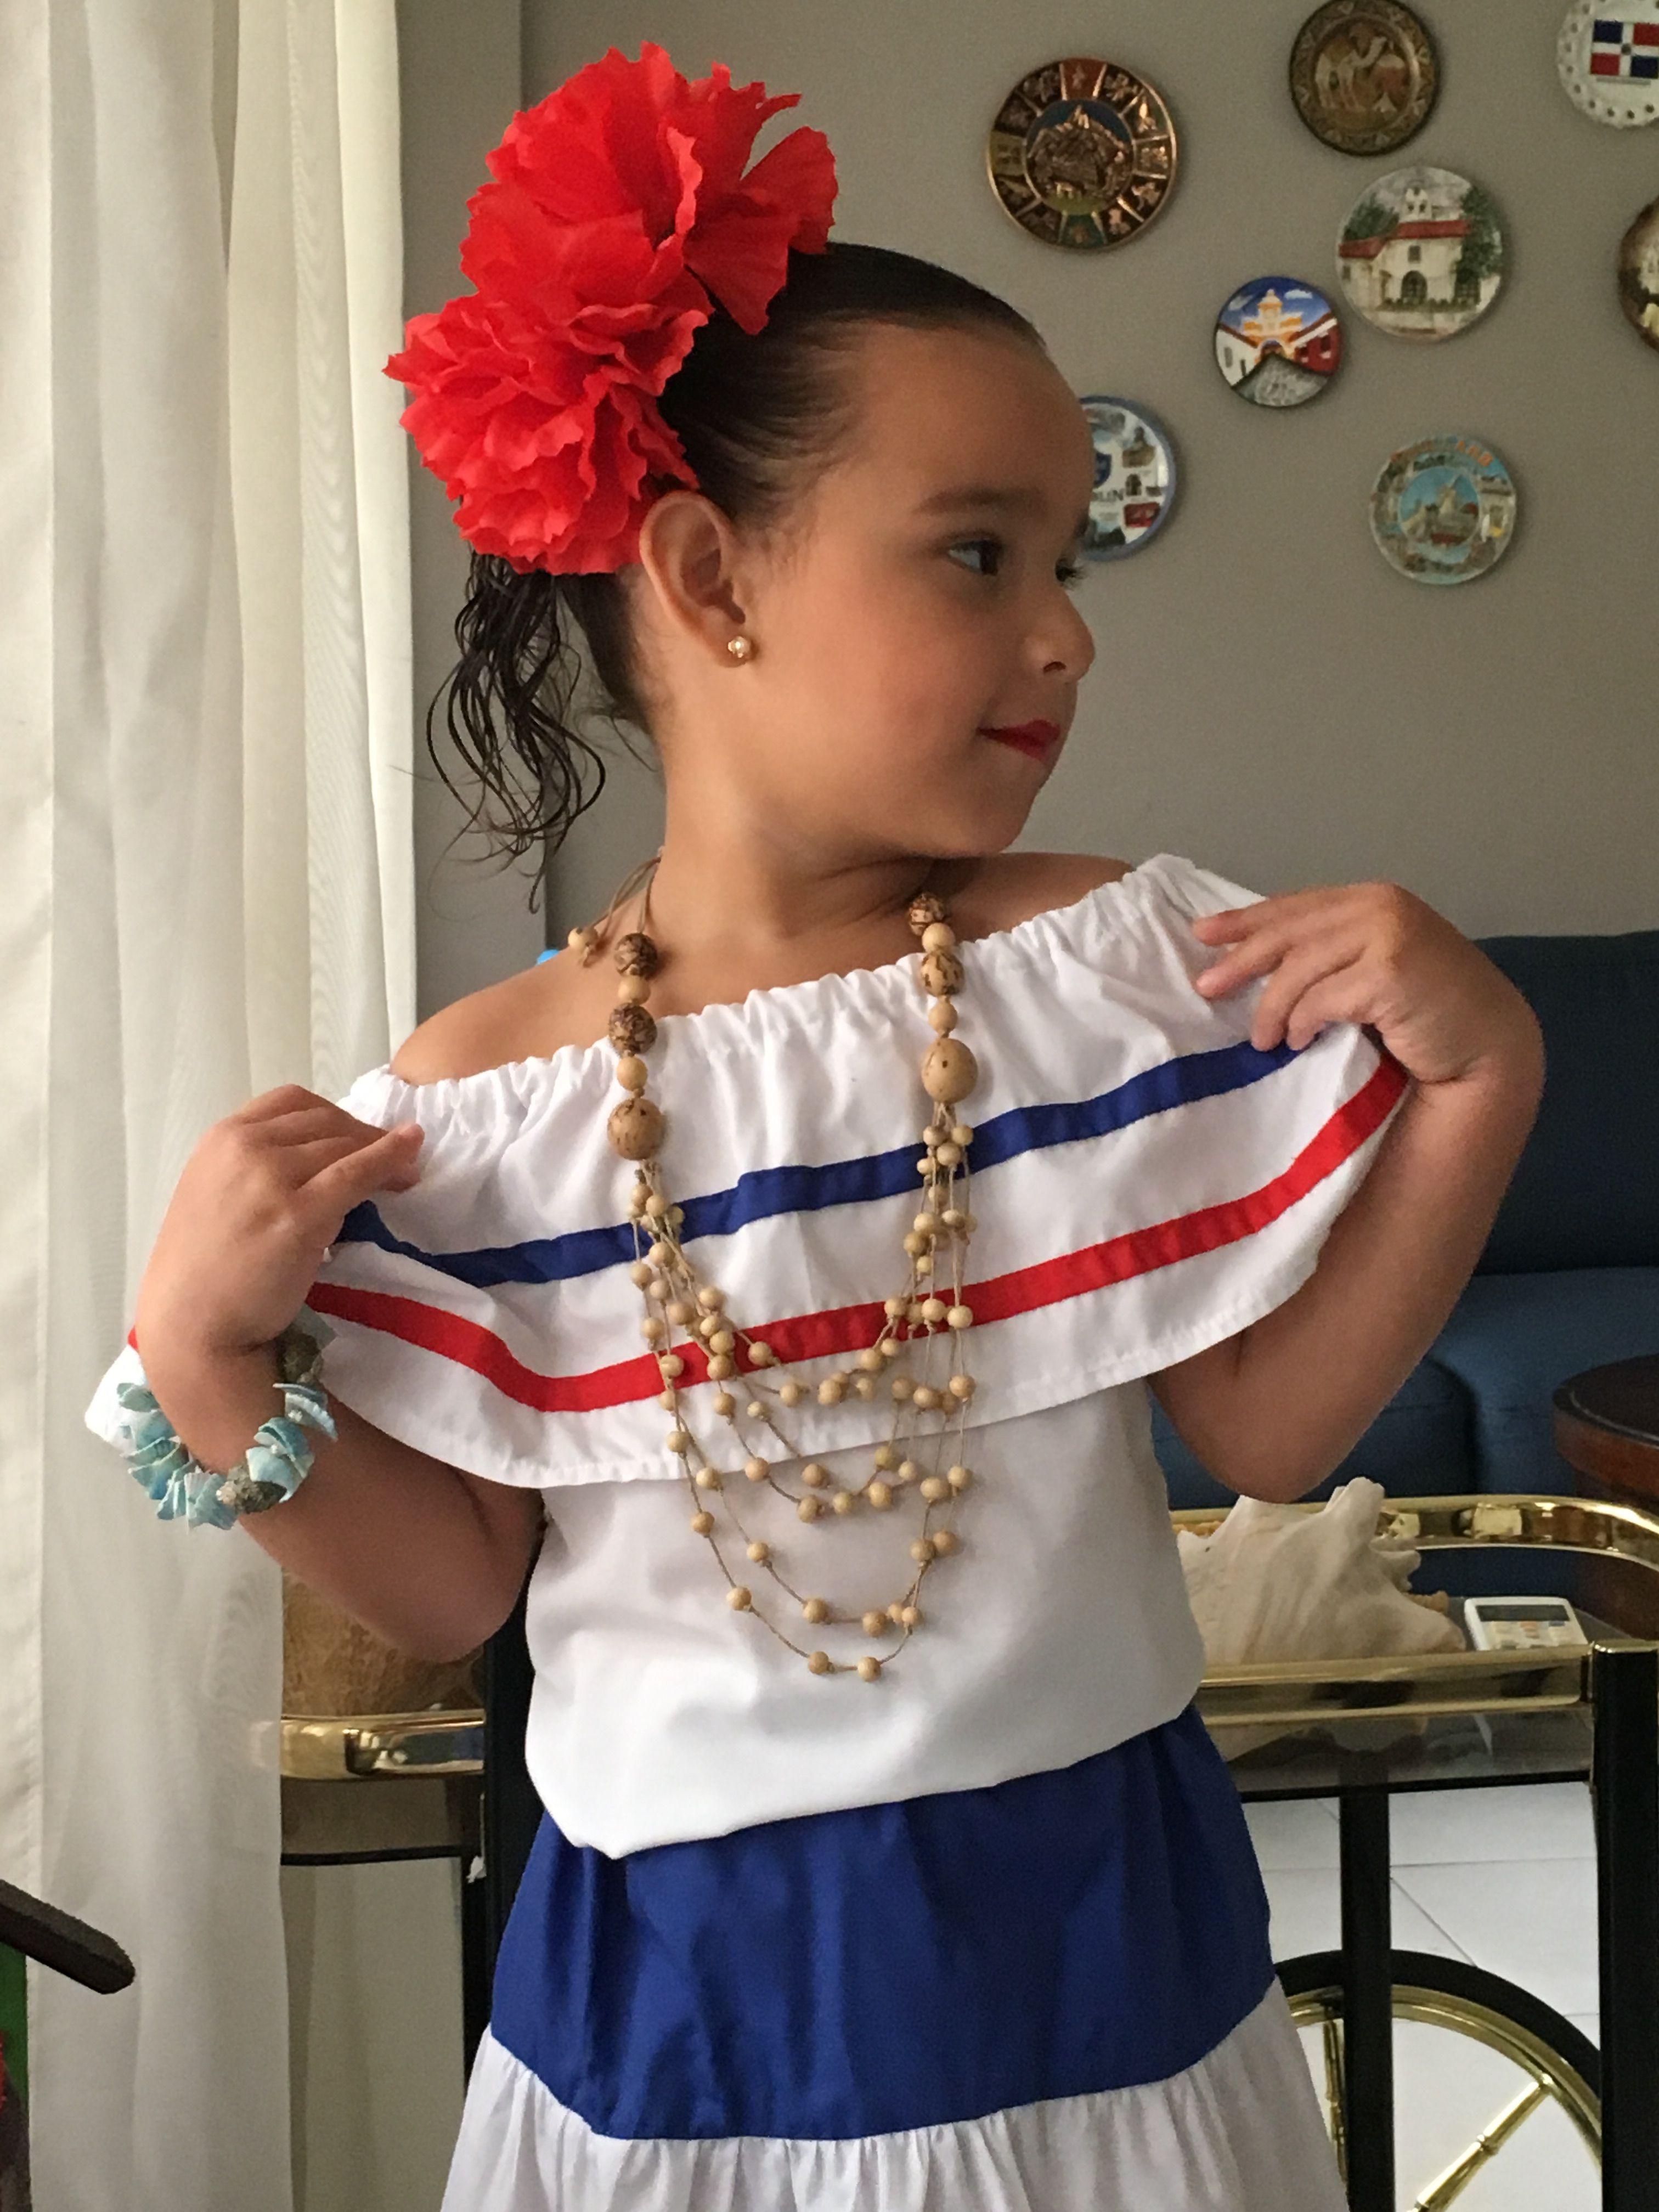 Vestimenta Tradicional Republica Dominicana Wwwtopsimagescom